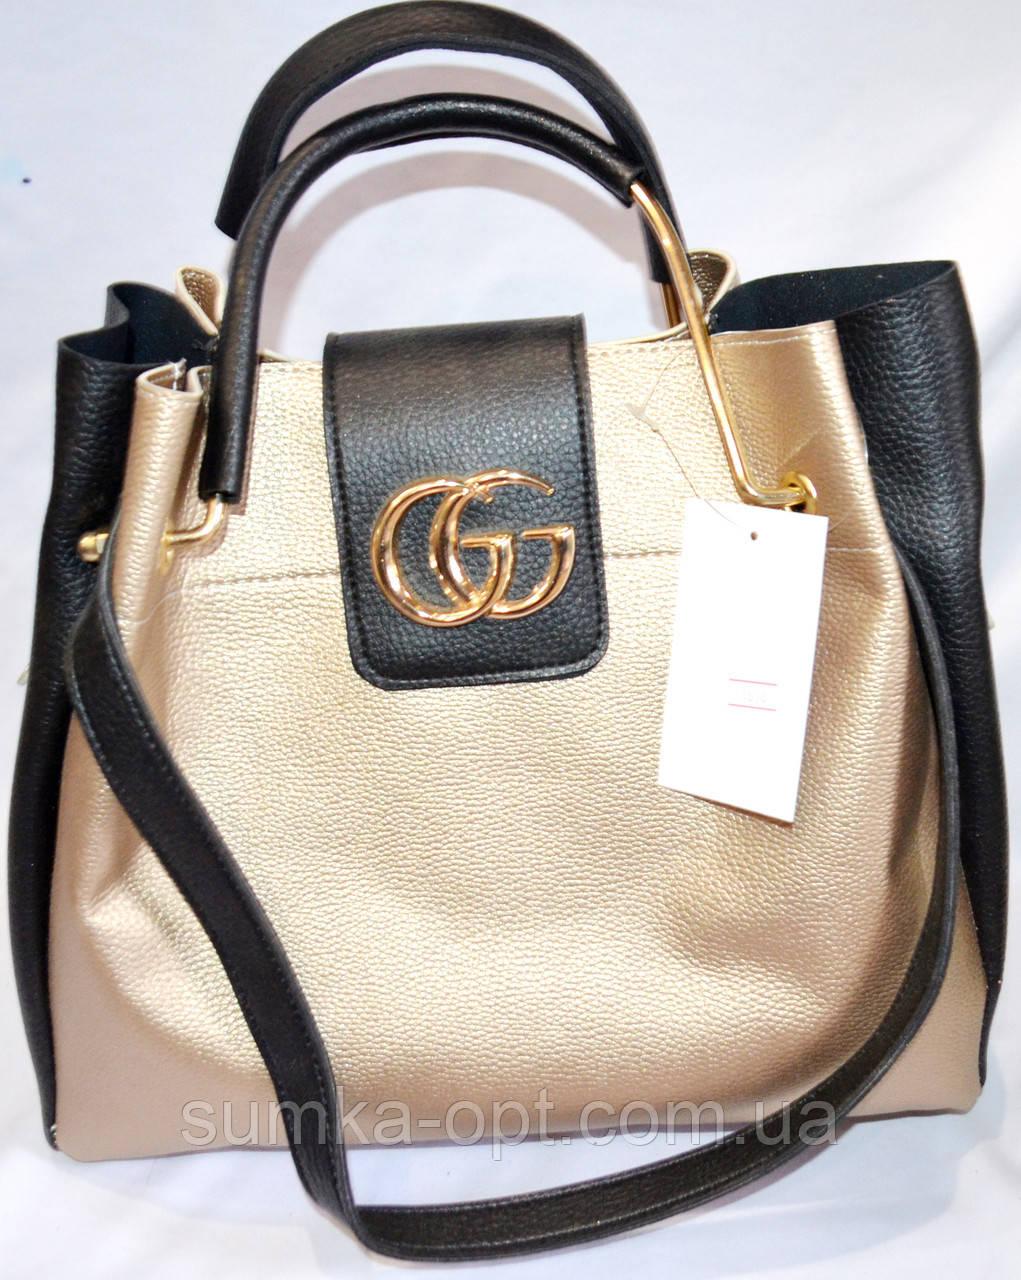 e03f2a29ab7f Женские сумки брендовые 2-в-1 Gucci (золото+черный)24 32, цена 430 ...